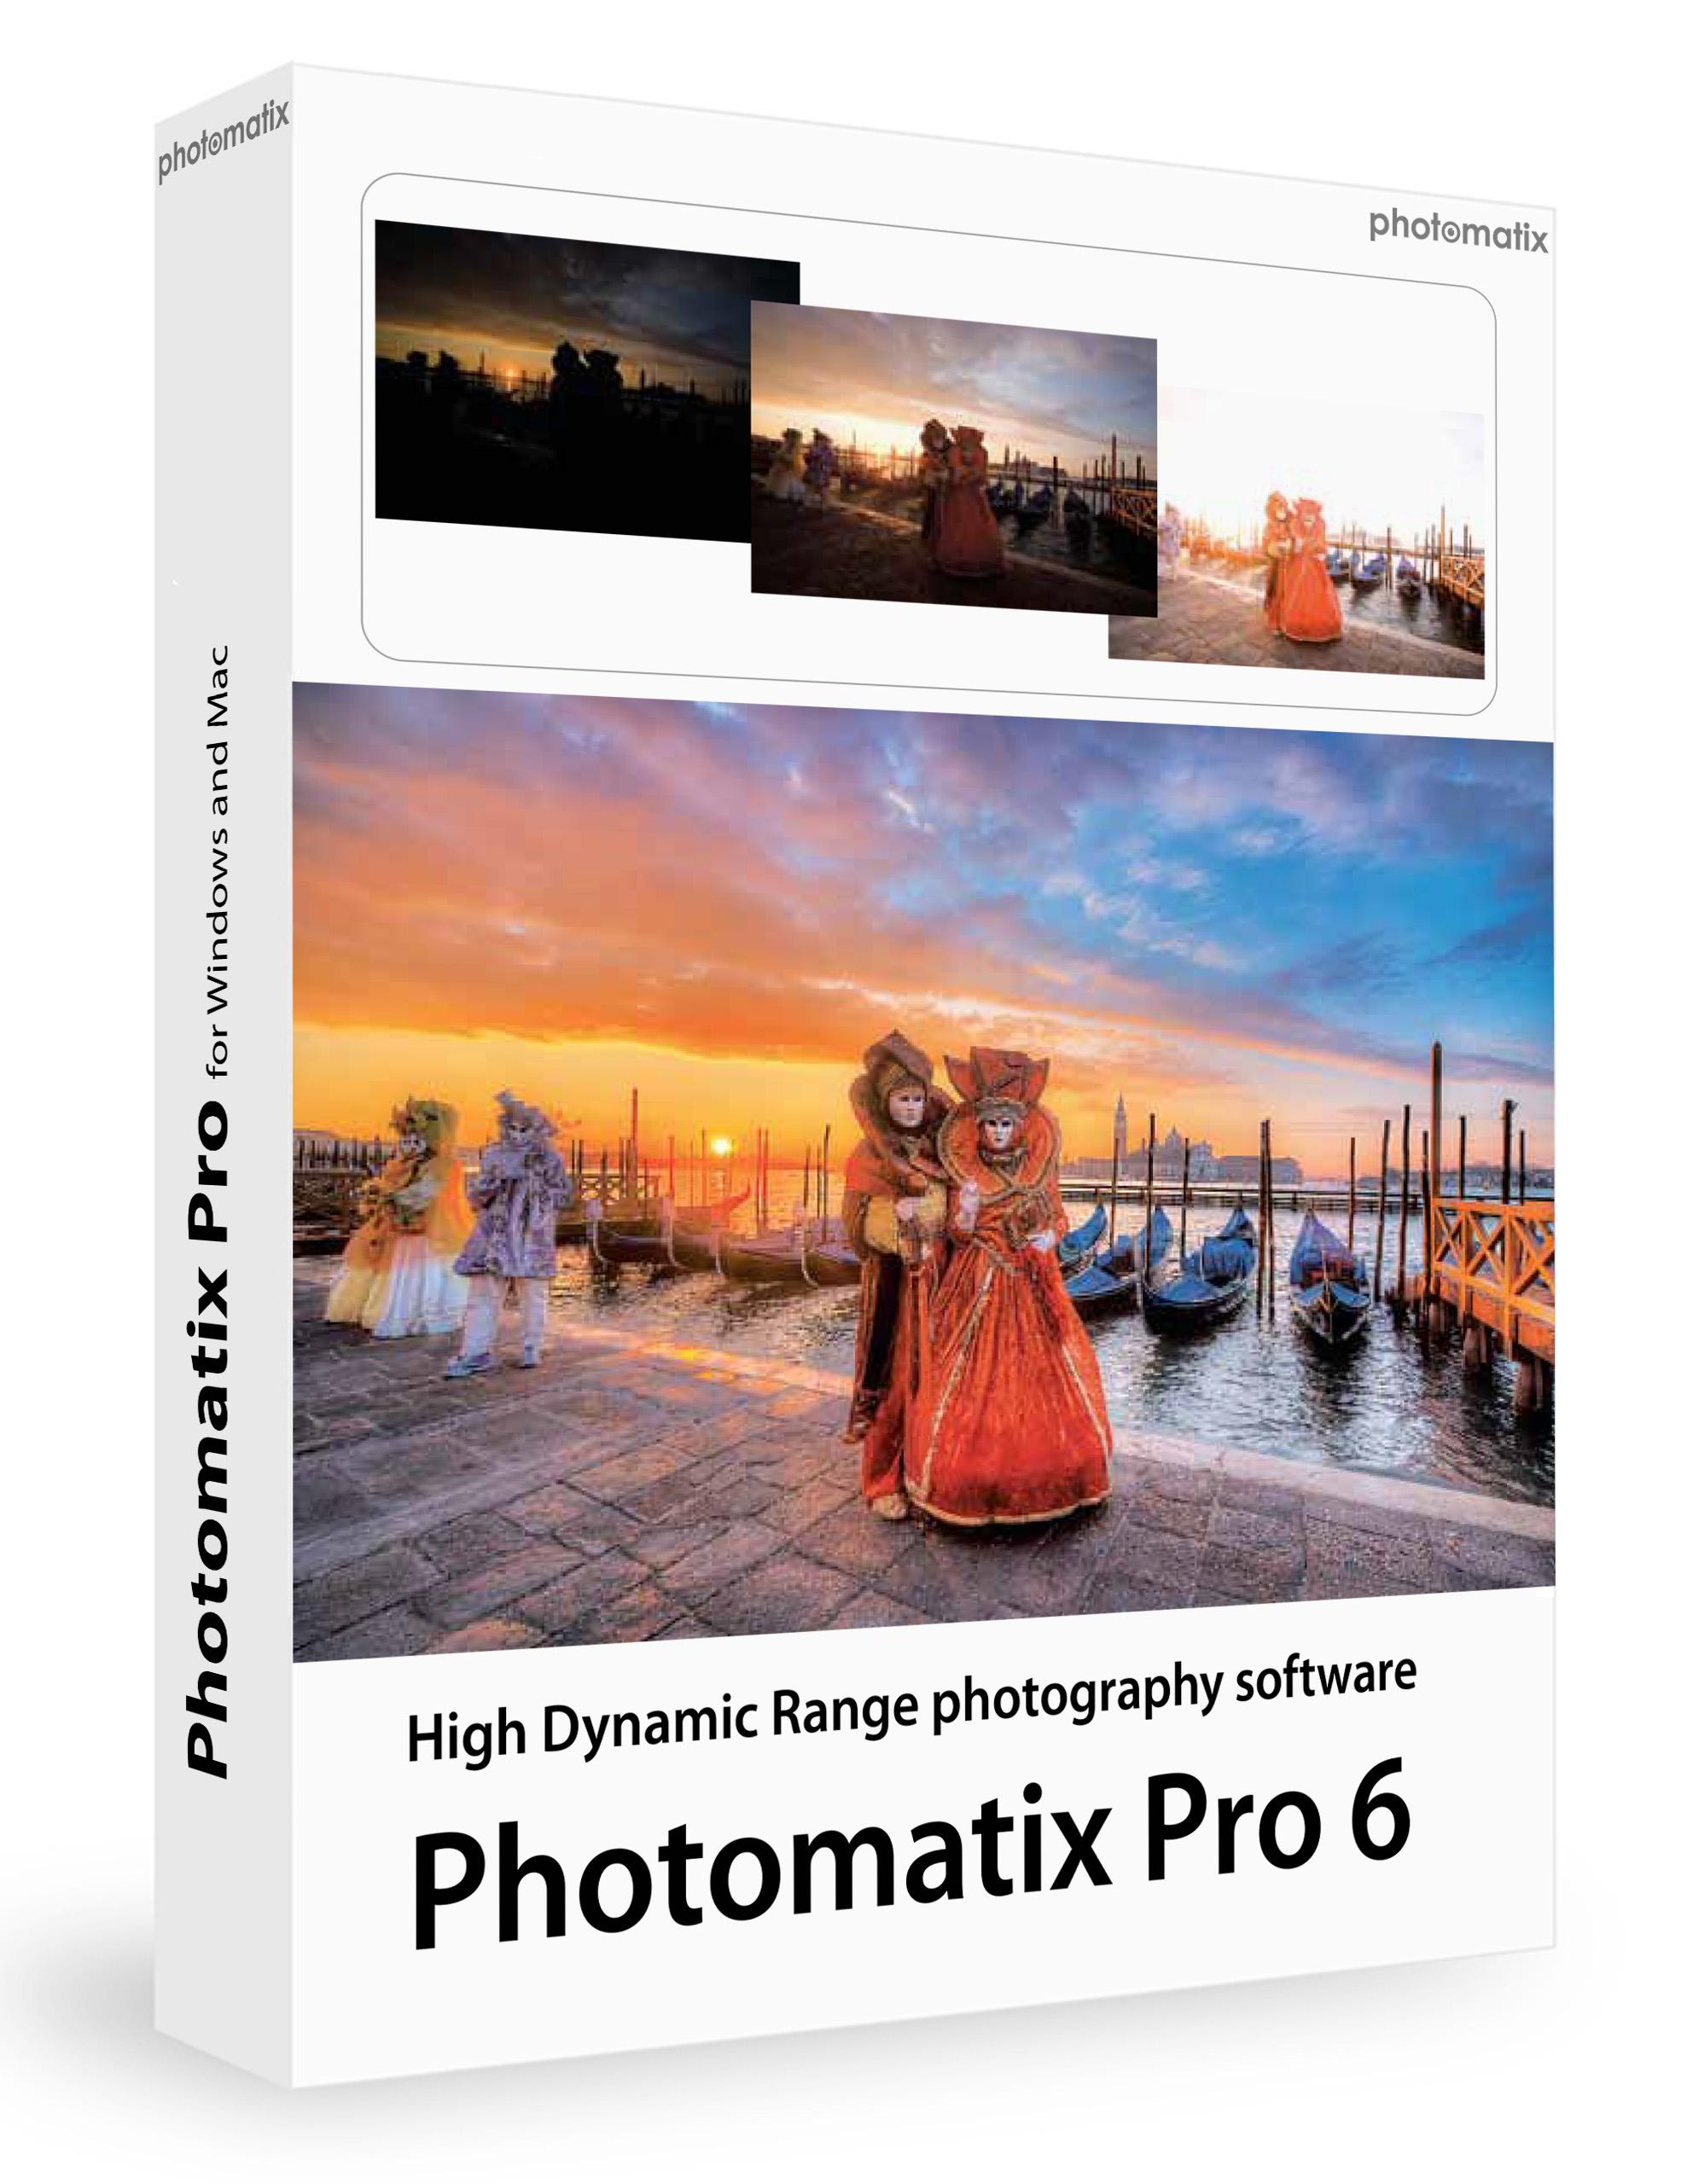 photomatix 1 image